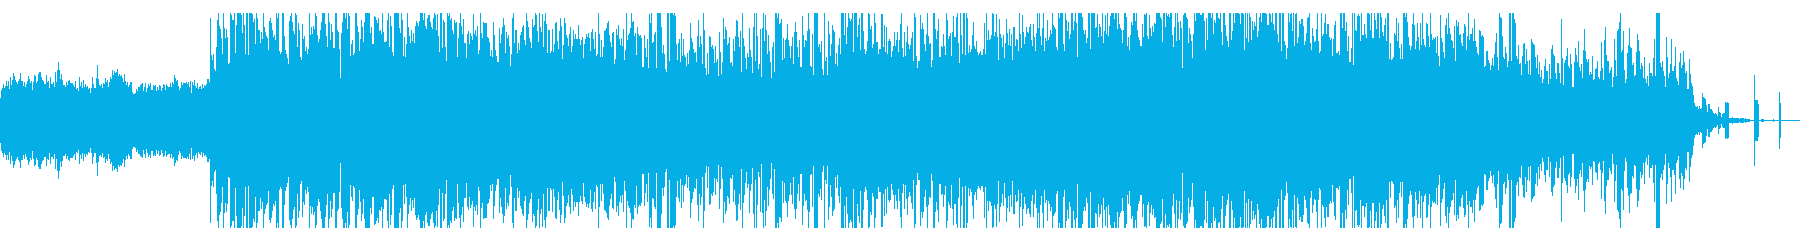 ロボティックでノイジーなIDMの再生済みの波形